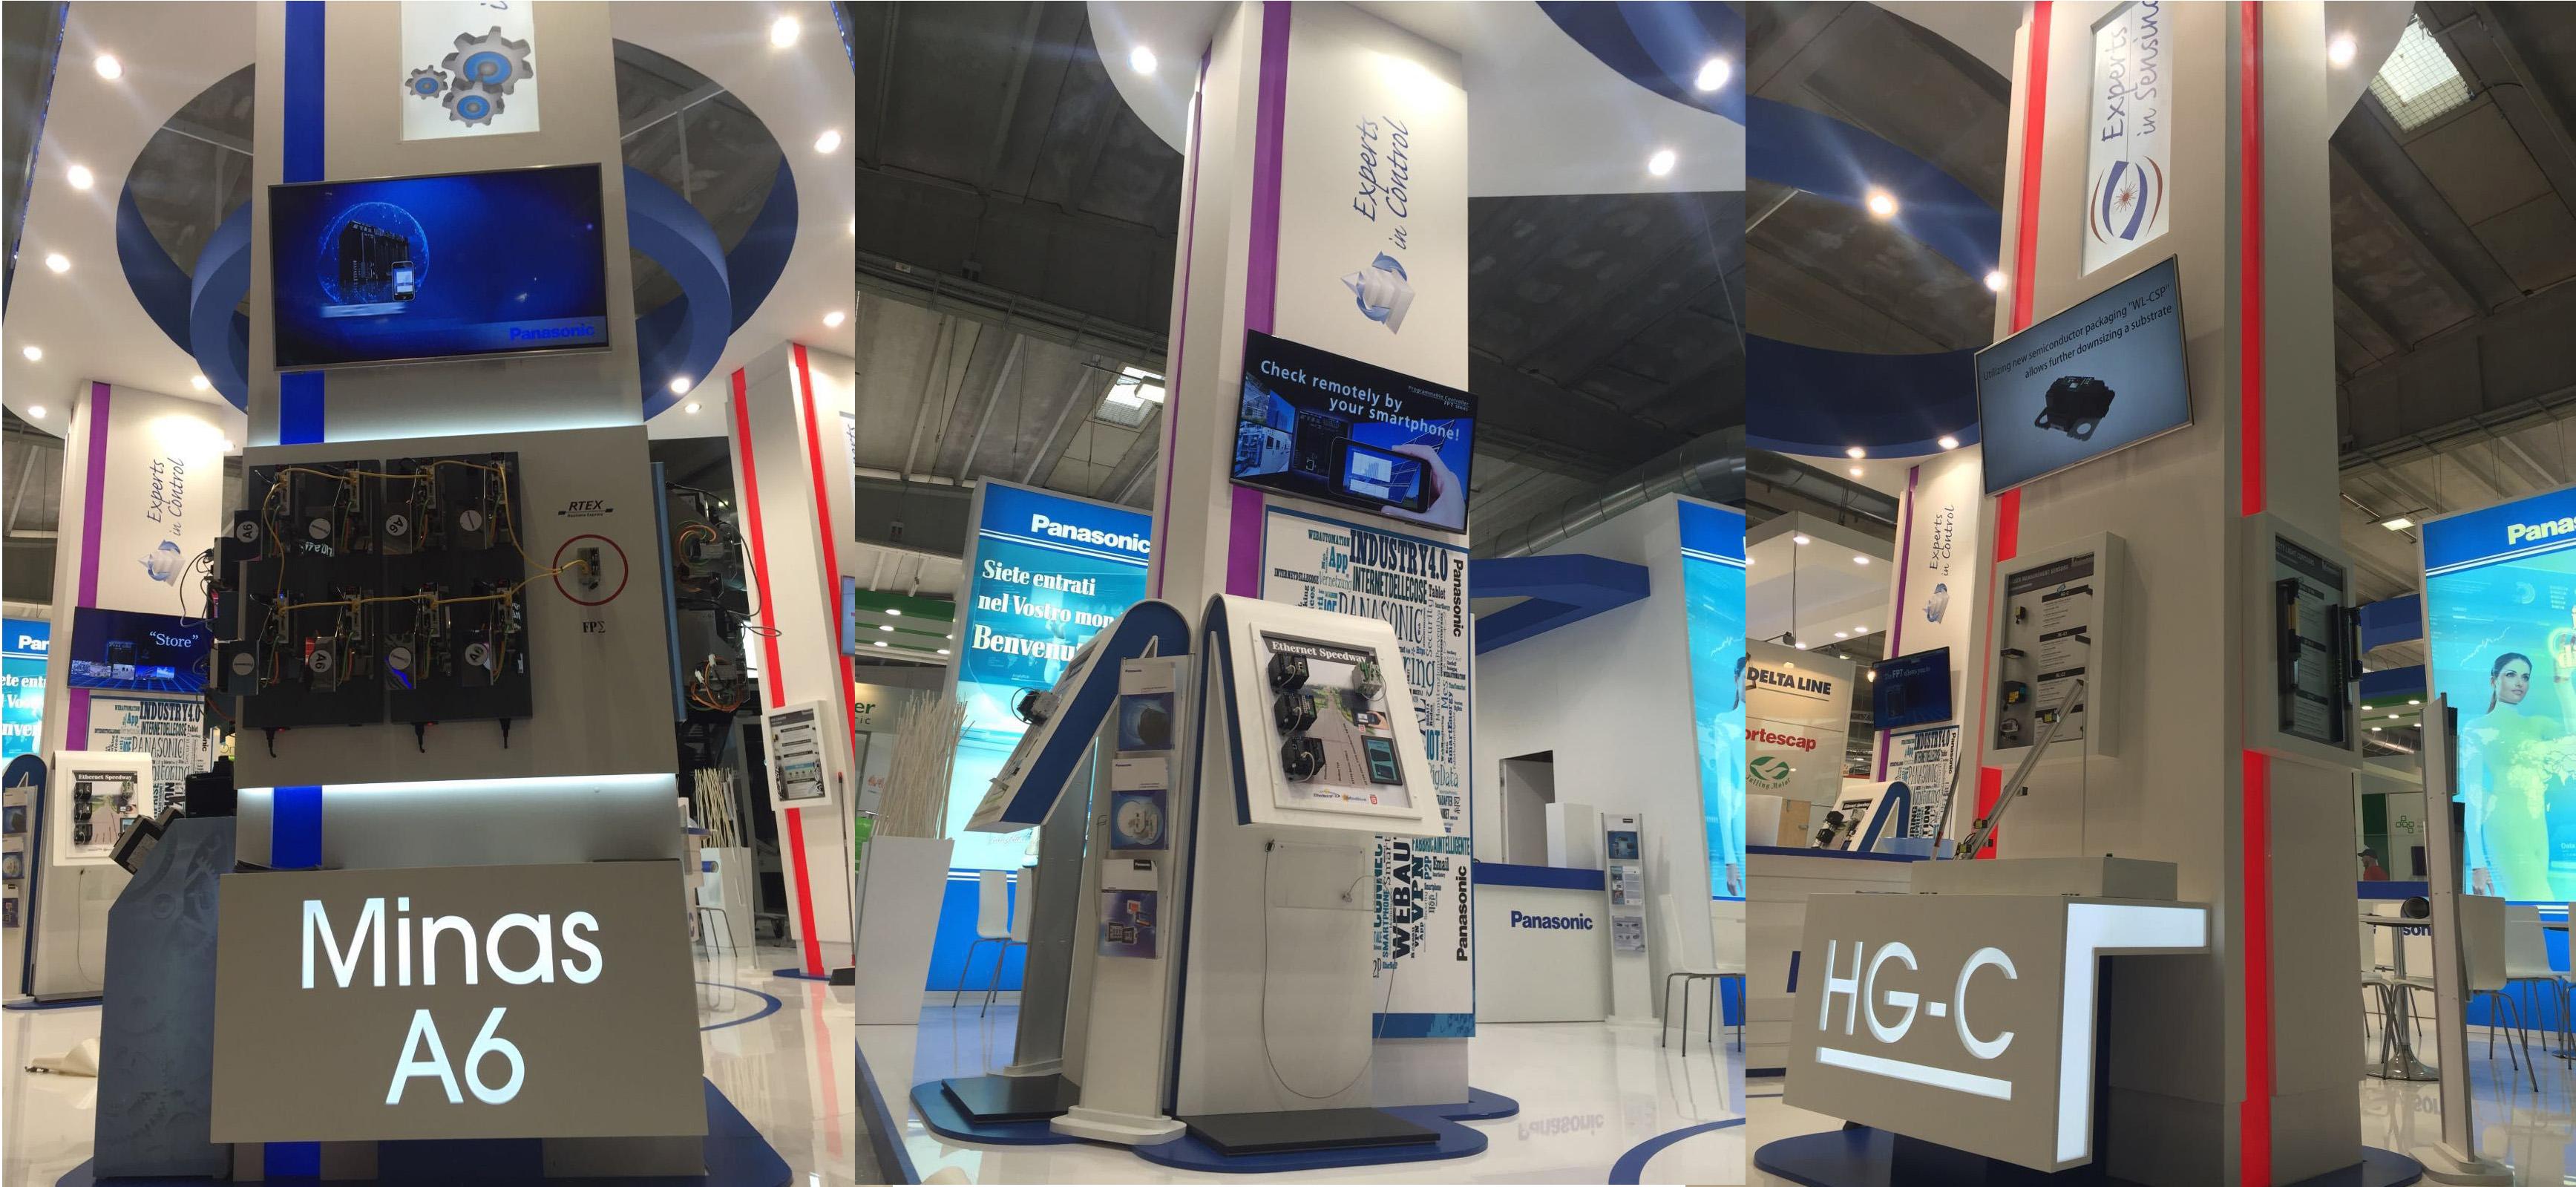 colonne Panasonic SPS 2016